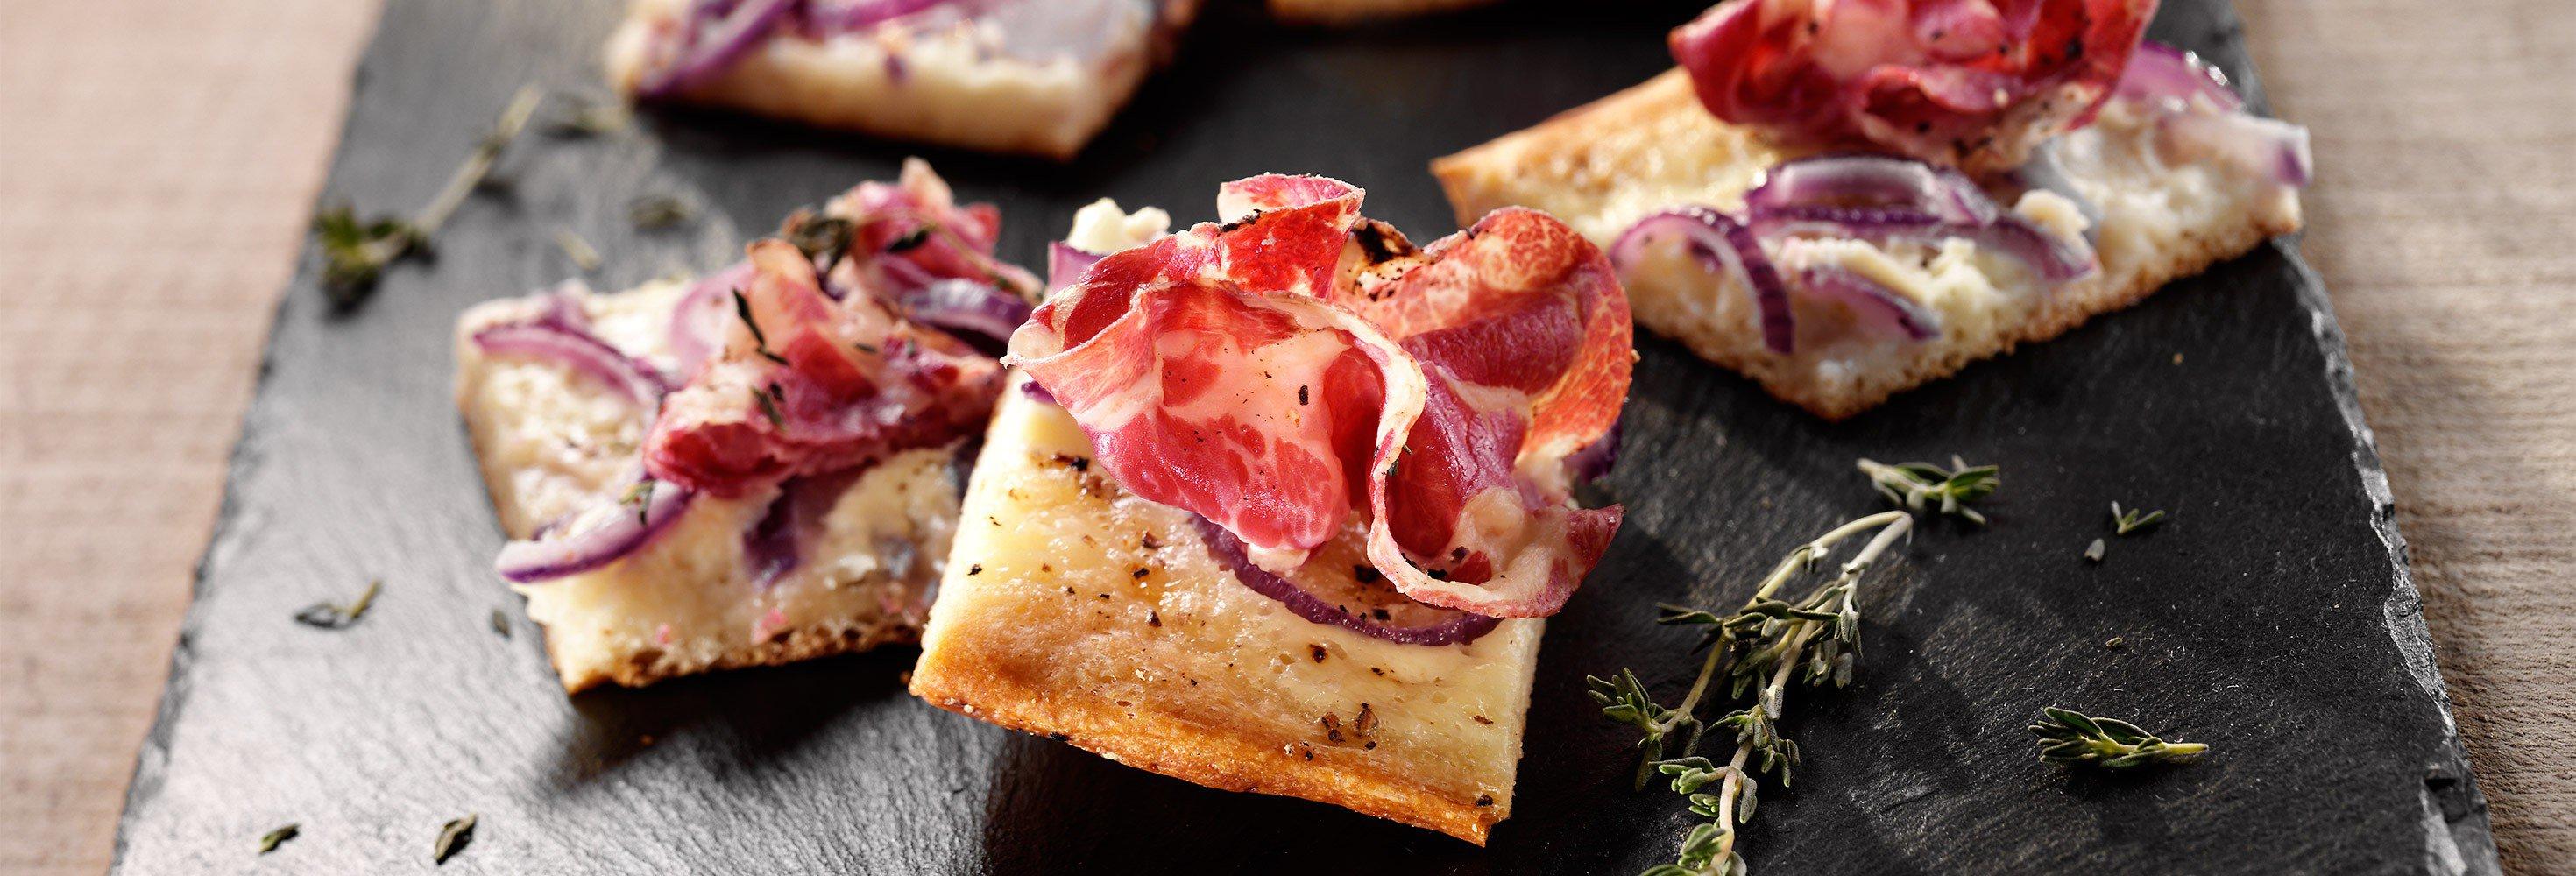 Pizzetta's met uiringen en pancetta